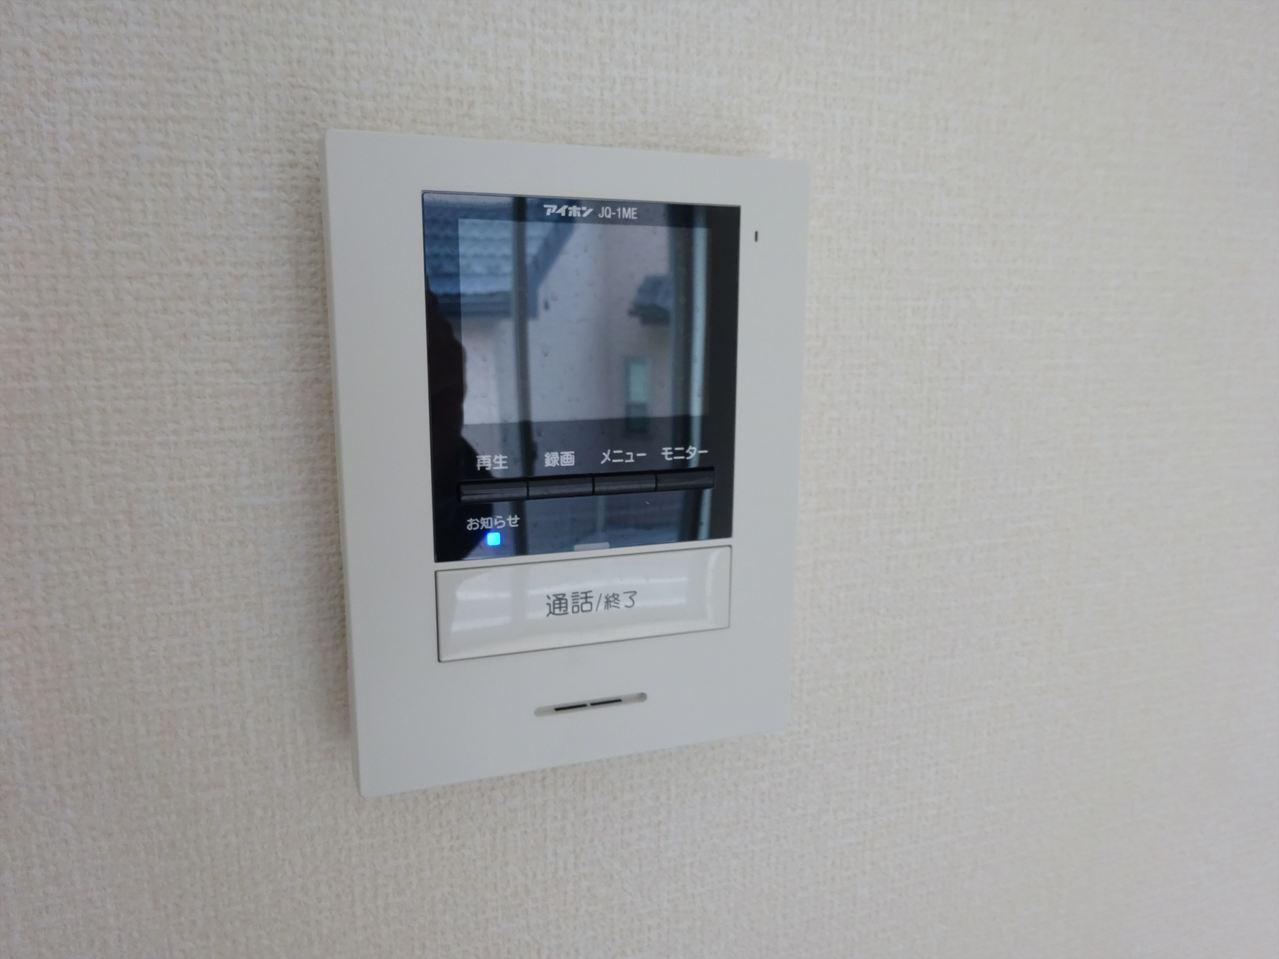 TVモニターインターフォン付。お子様のお留守番も安心の設備です♪